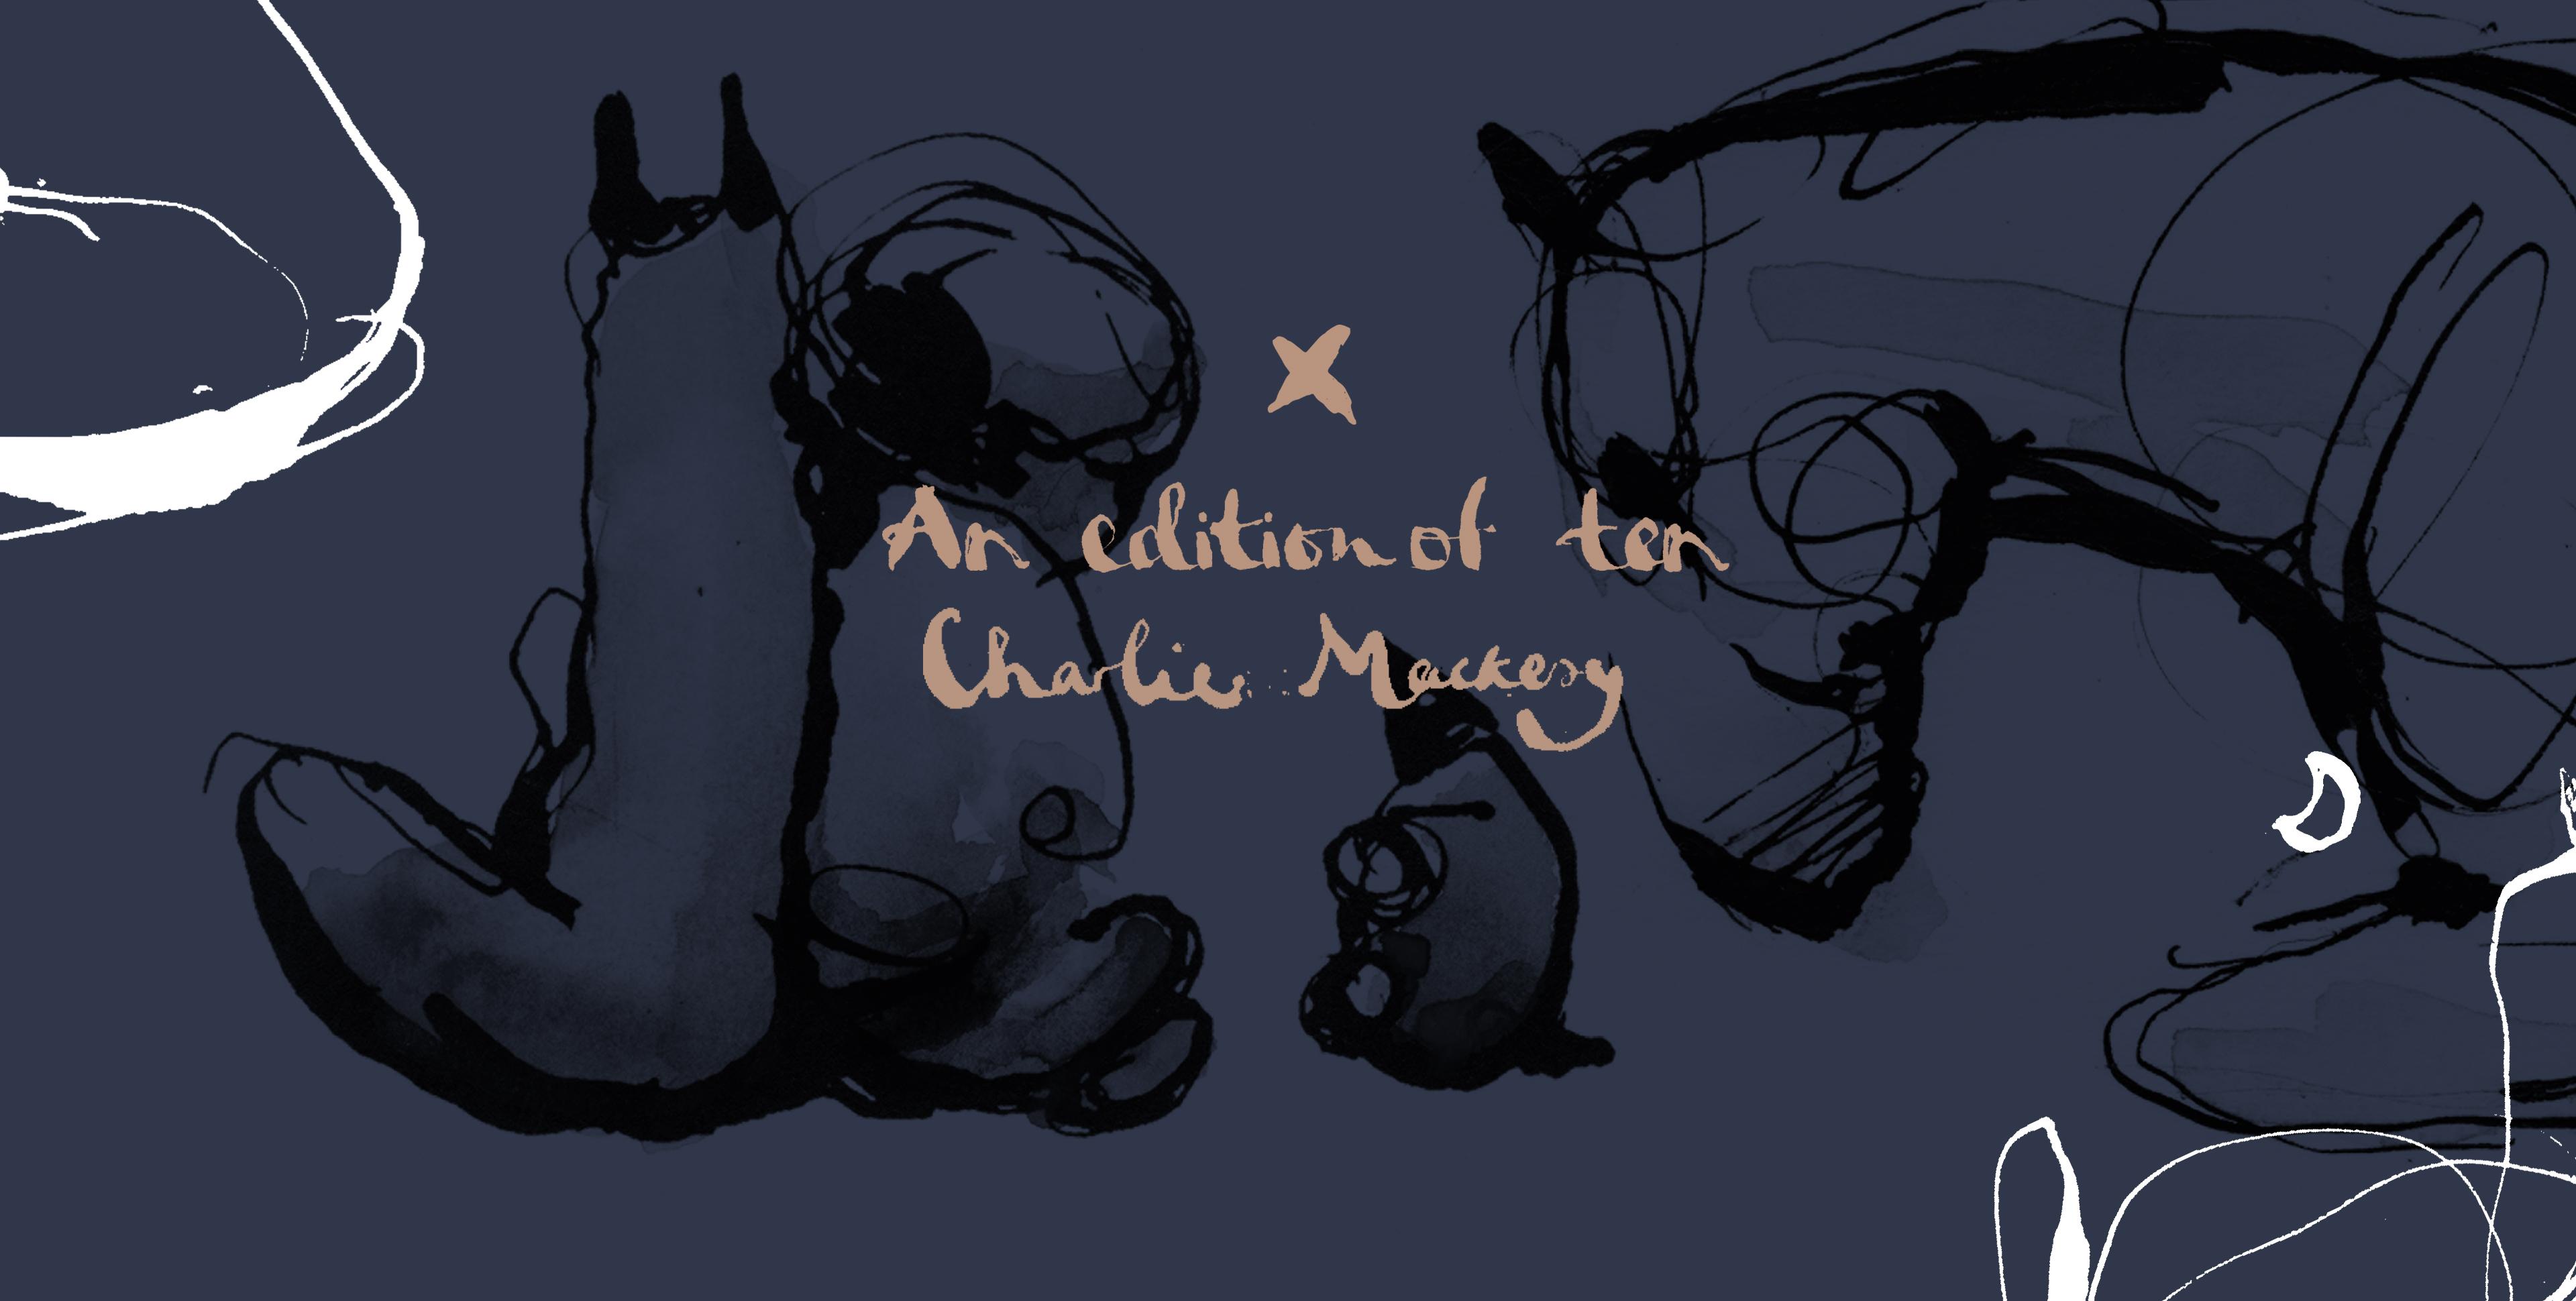 Charlie Mackesy